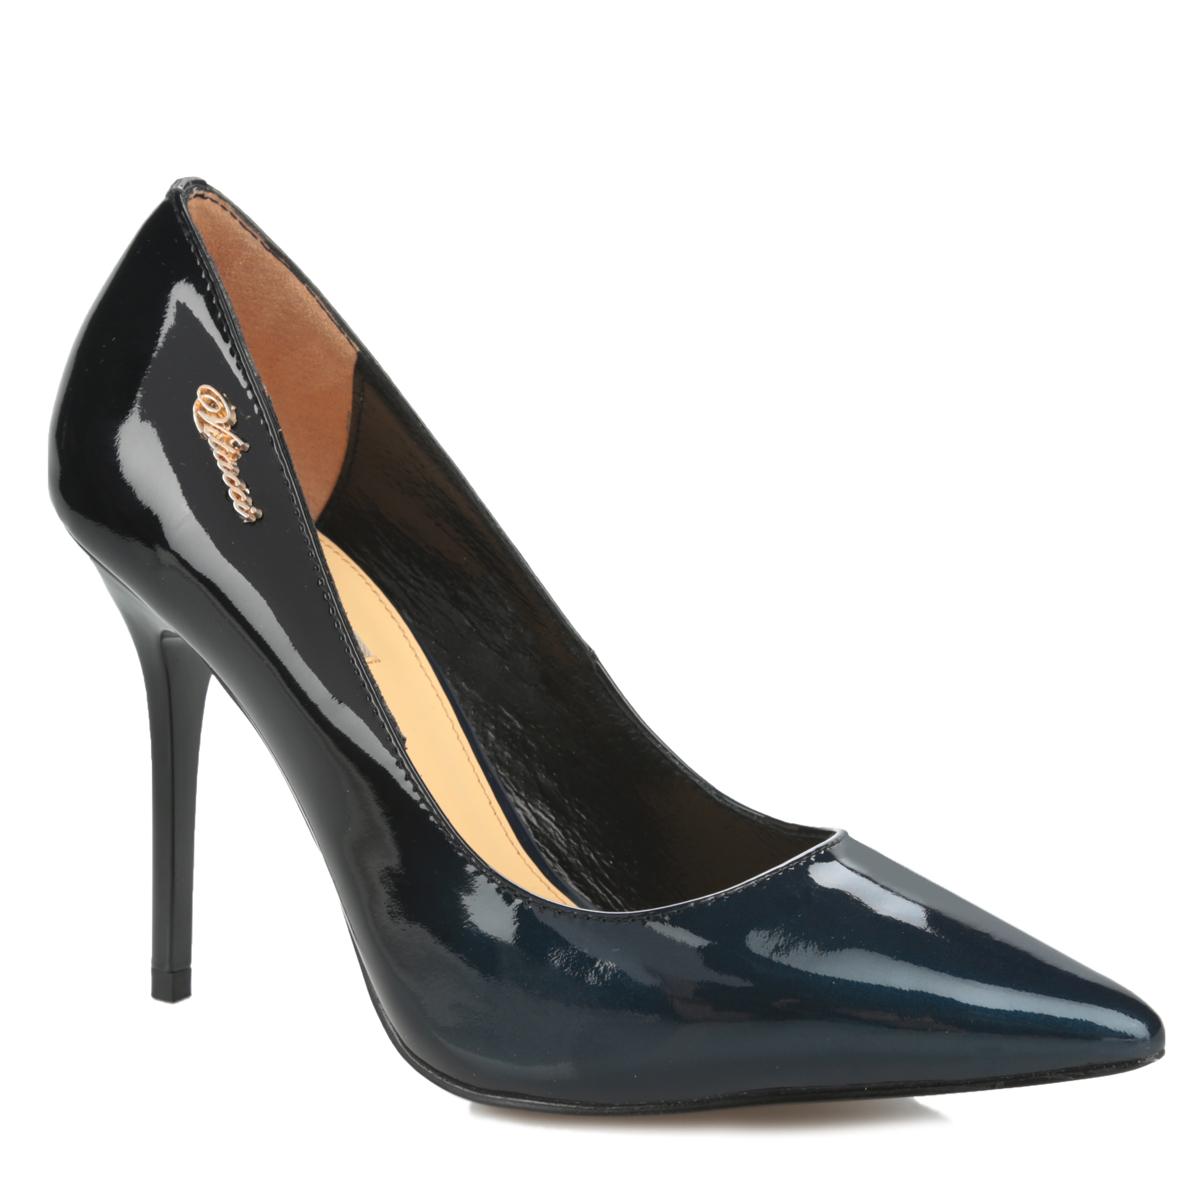 Туфли женские. 7017670176Стильные женские туфли Vitacci займут достойное место в вашем гардеробе. Модель выполнена из натуральной лакированной кожи и оформлена сбоку декоративным элементом в виде названия бренда, выполненного из металла. Зауженный носок добавит женственности в ваш образ. Стелька из натуральной кожи позволит ногам дышать. Подошва с рифлением обеспечит отличное сцепление с любой поверхностью. Изысканные туфли добавят шика в модный образ и подчеркнут ваш безупречный вкус.